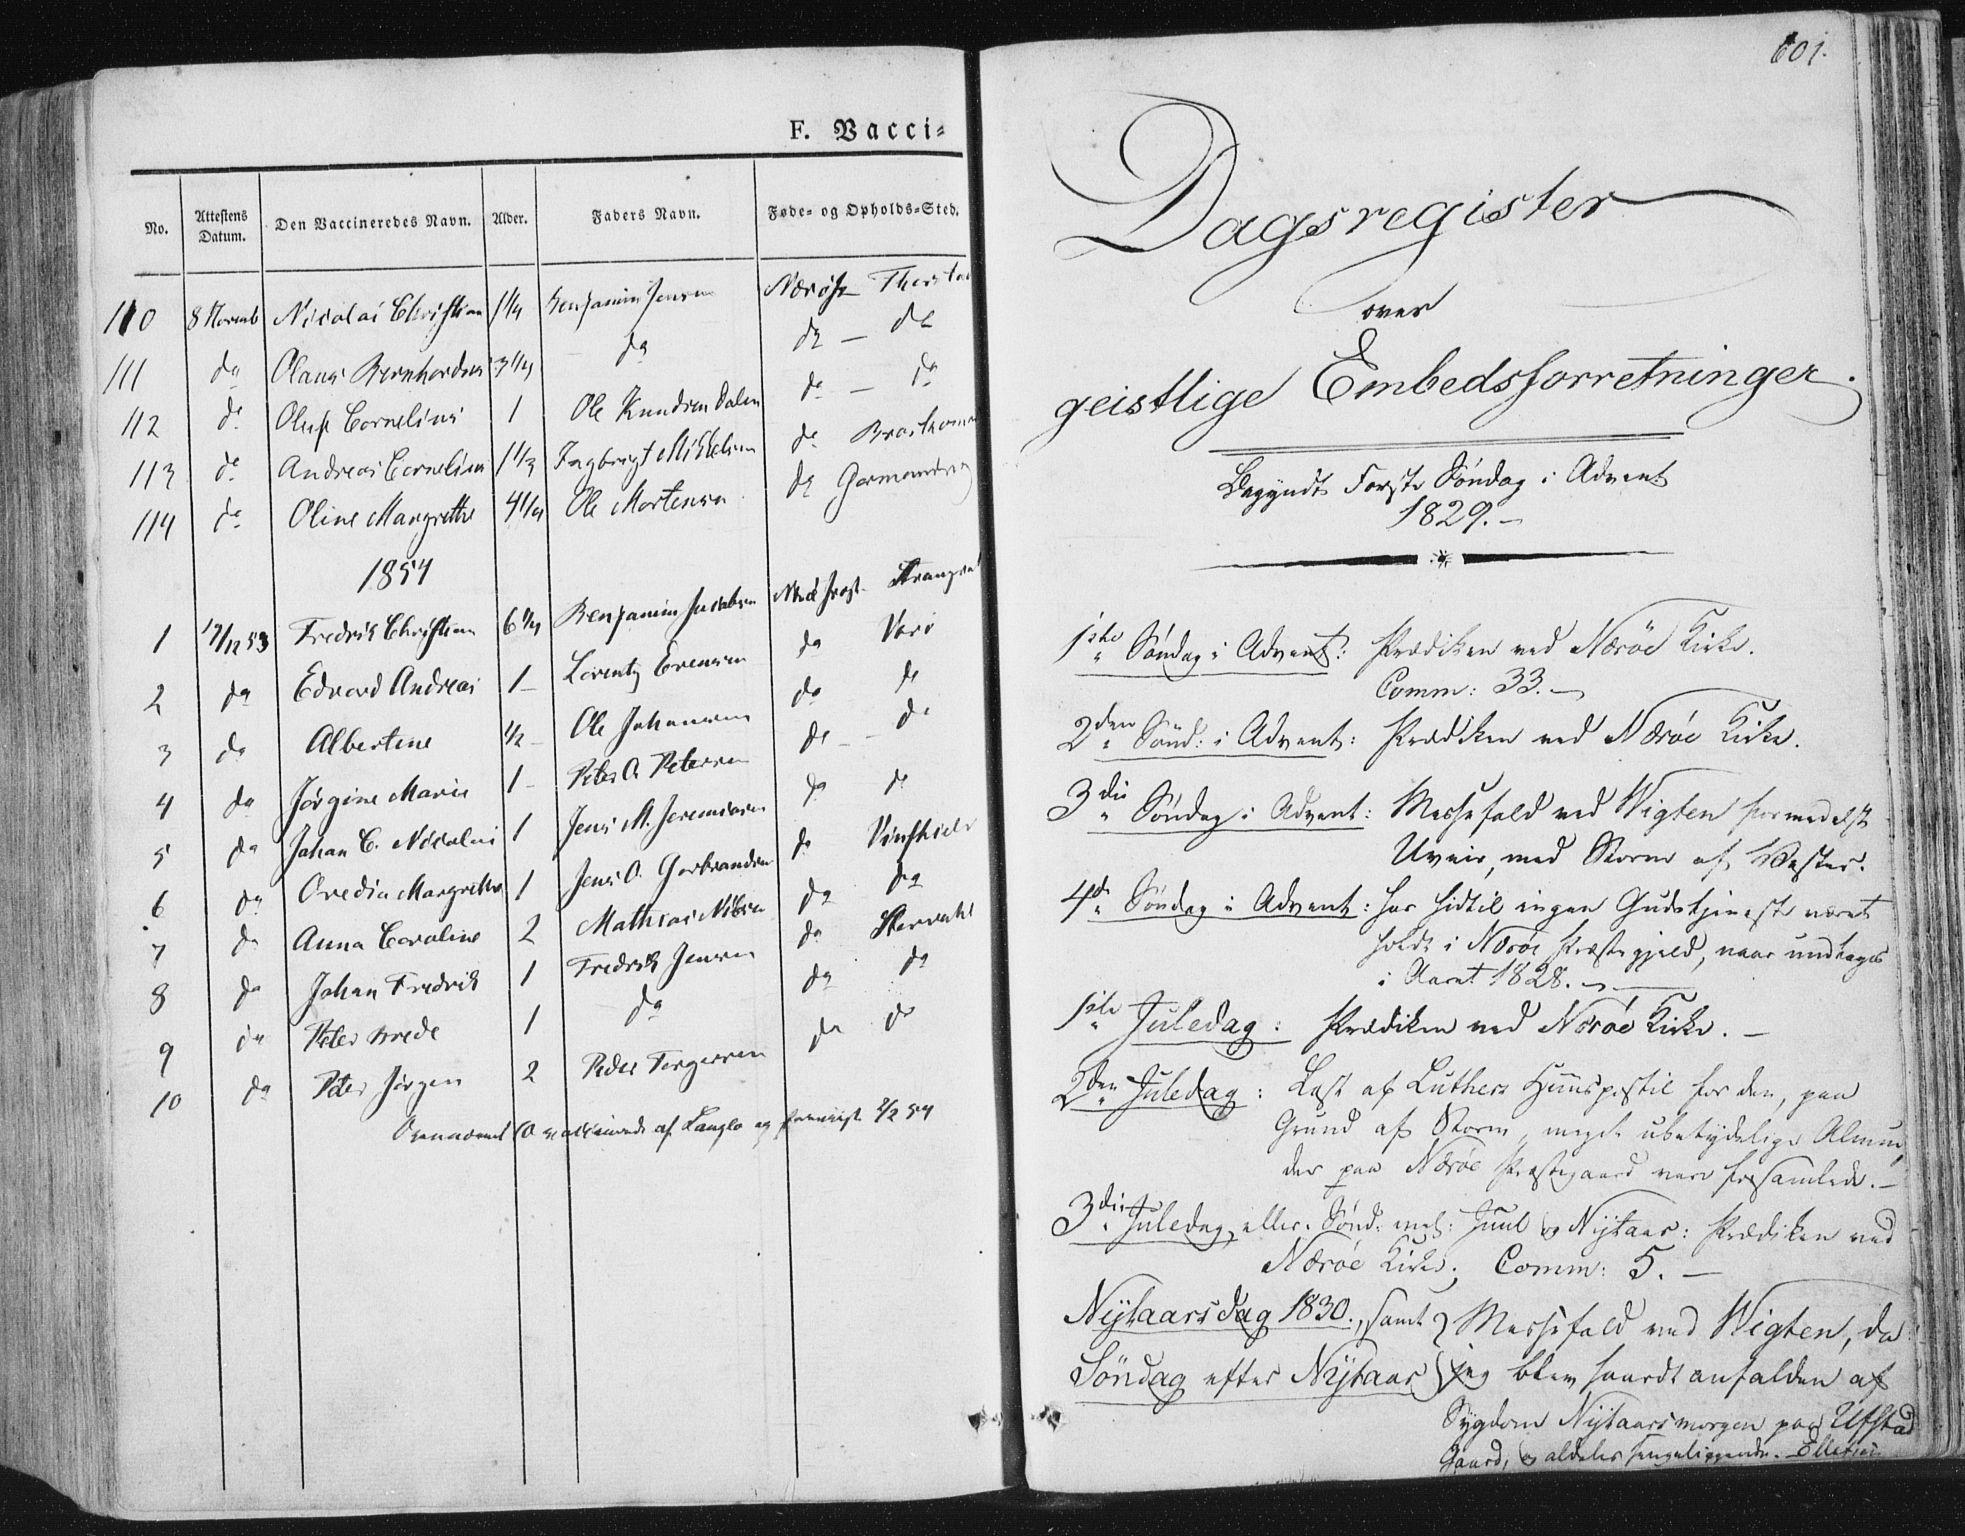 SAT, Ministerialprotokoller, klokkerbøker og fødselsregistre - Nord-Trøndelag, 784/L0669: Ministerialbok nr. 784A04, 1829-1859, s. 601